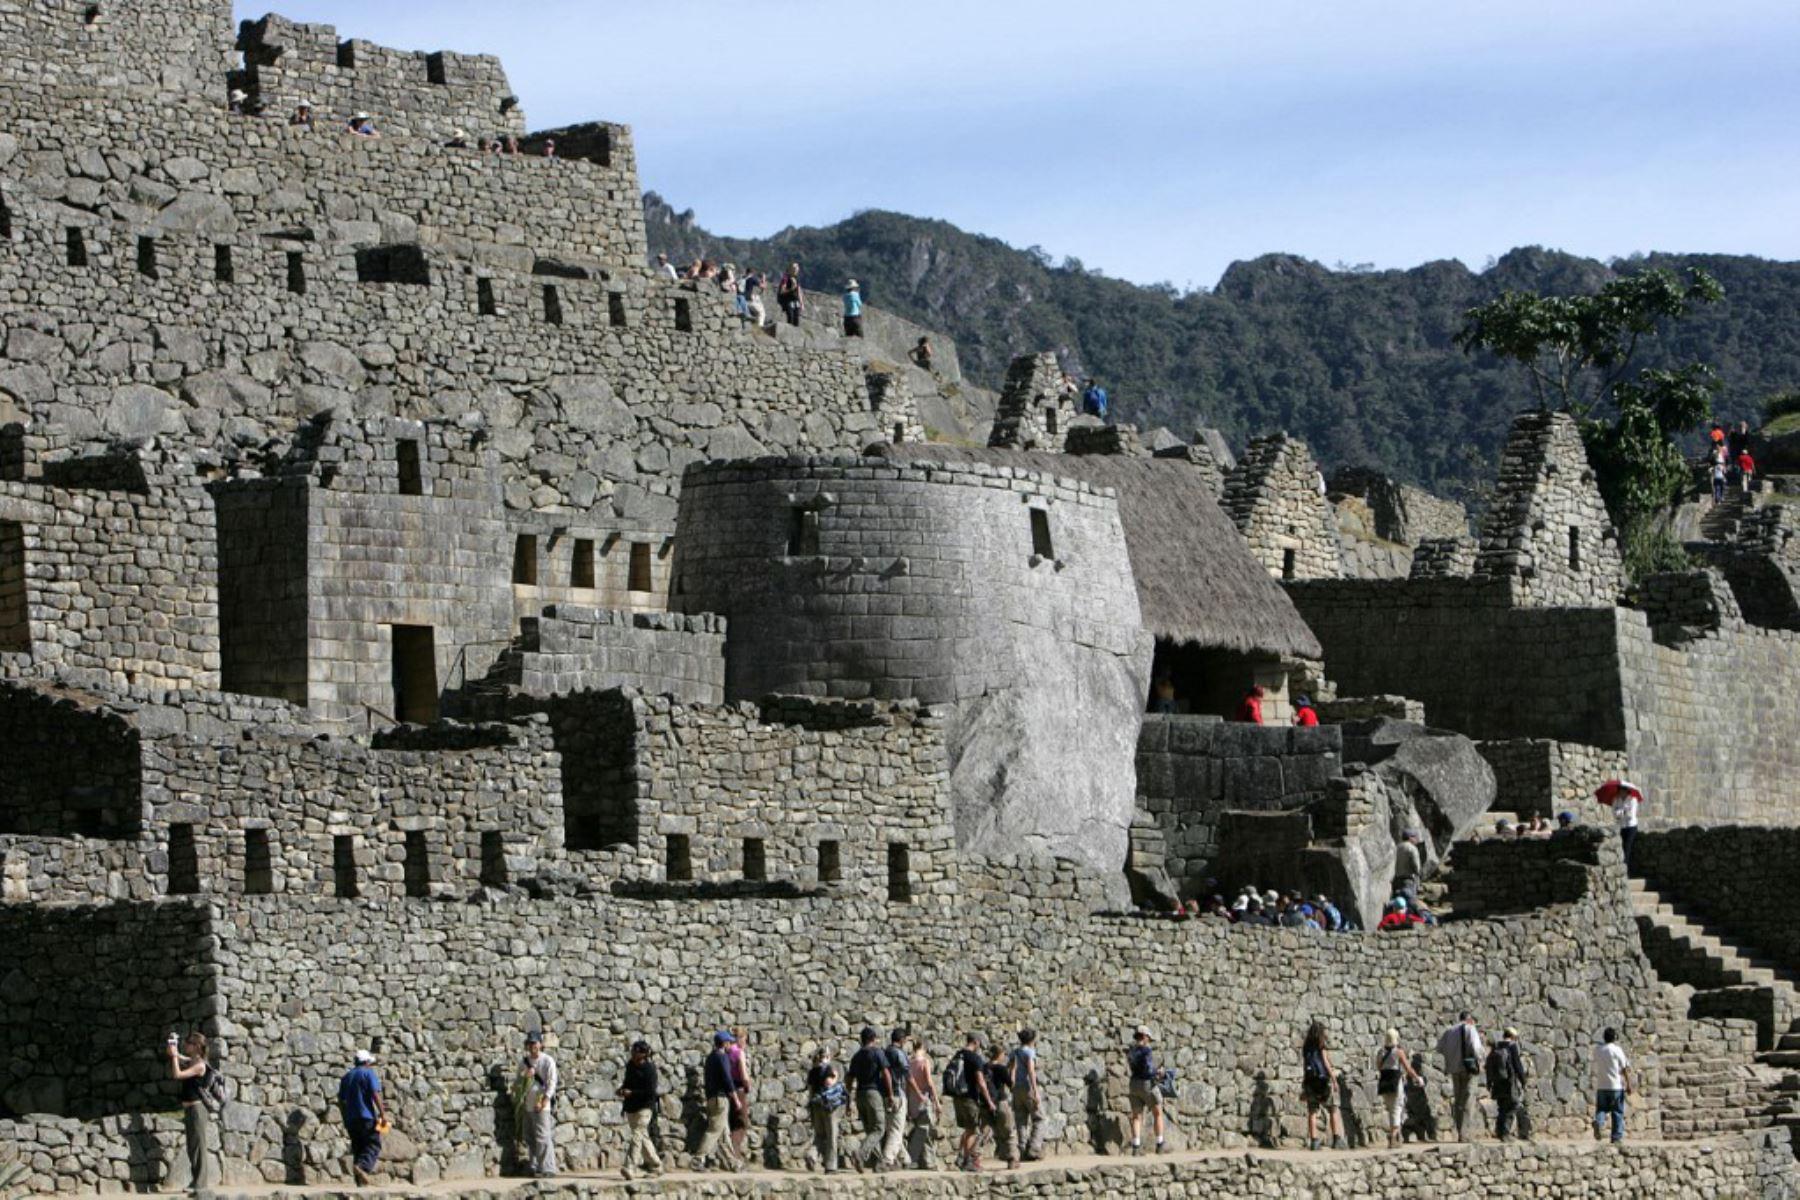 Turistas visitan la ciudadela inca de Machu Picchu en el departamento peruano de Cusco. Machu Picchu fue nombrada el 7 de julio de 2007 como una de las nuevas Siete Maravillas del Mundo en una ceremonia en Lisboa. Foto: AFP